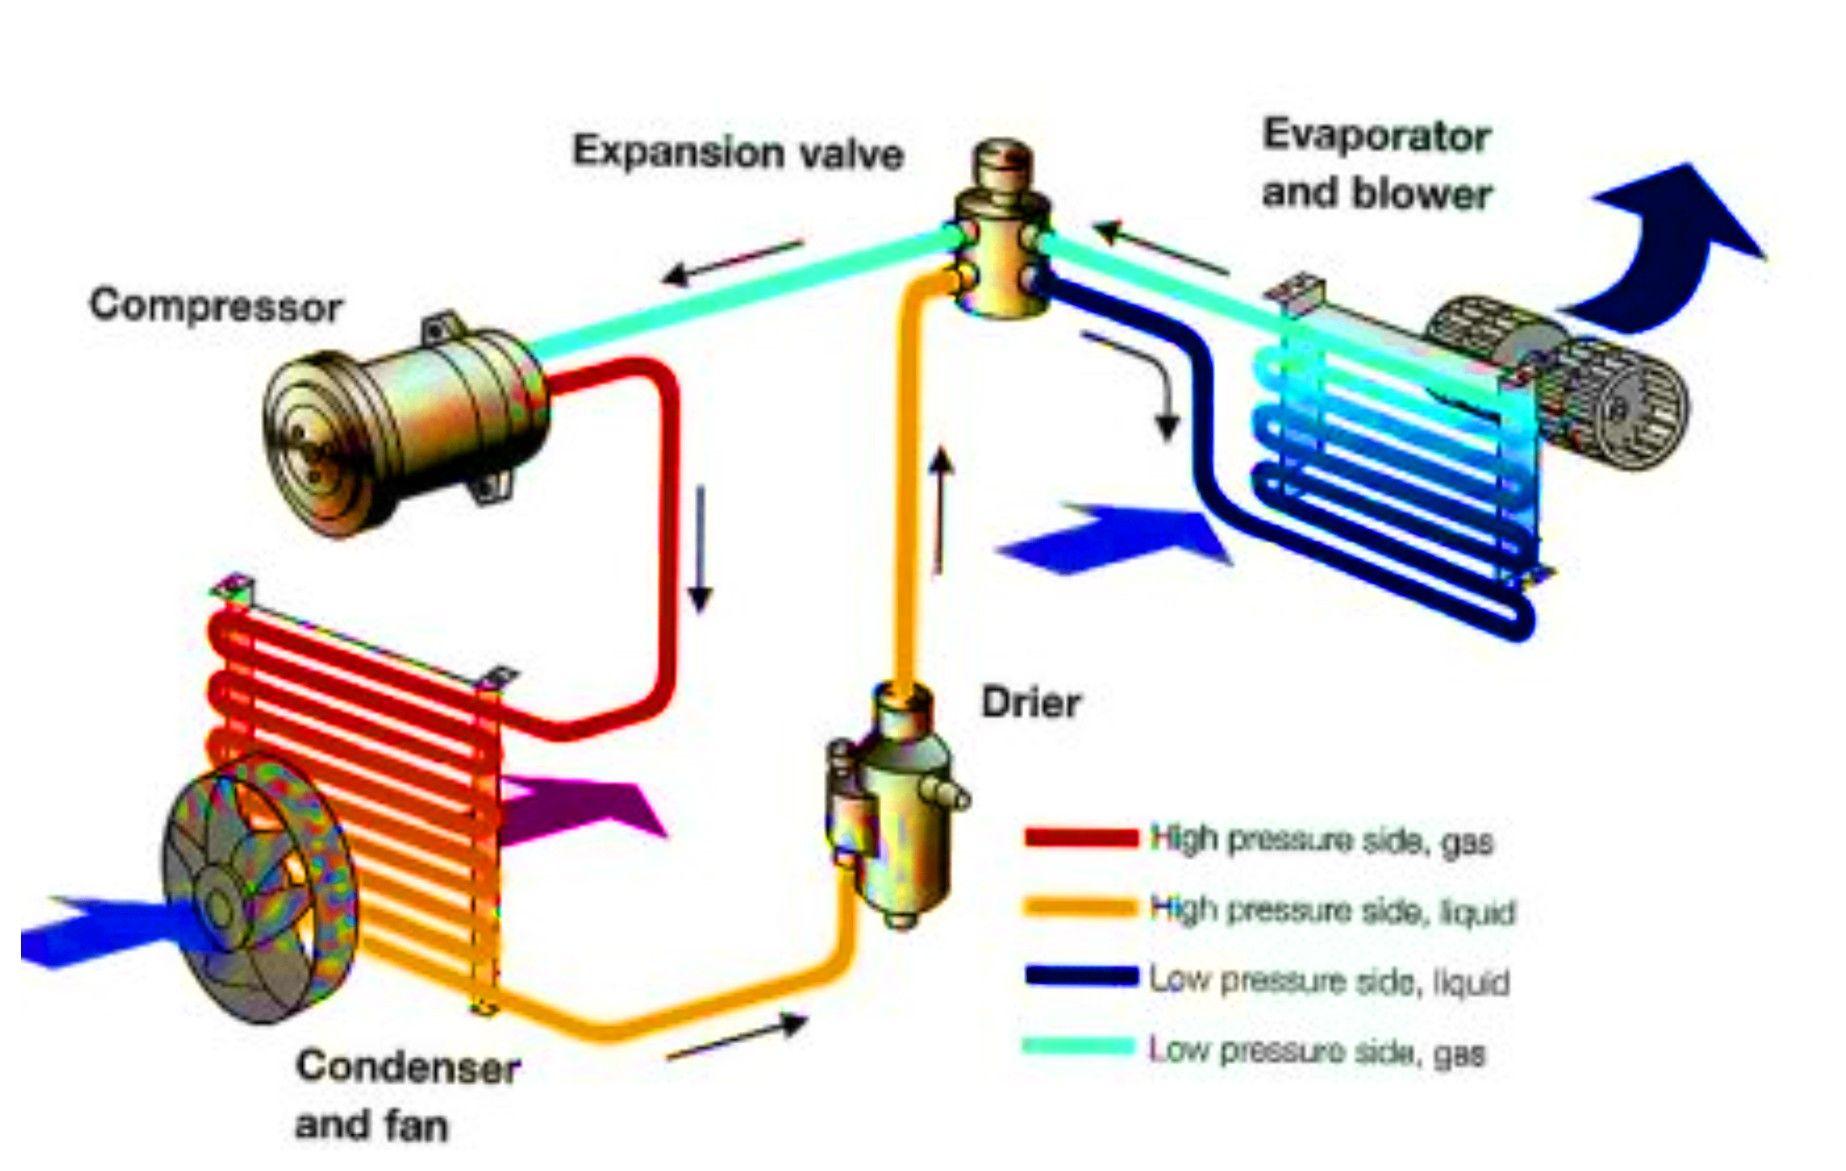 Unique Car Ac Wiring Diagram Diagram Wiringdiagram Diagramming Diagramm Visuals Visualisati Car Air Conditioning Air Conditioning System Heat Pump Repair